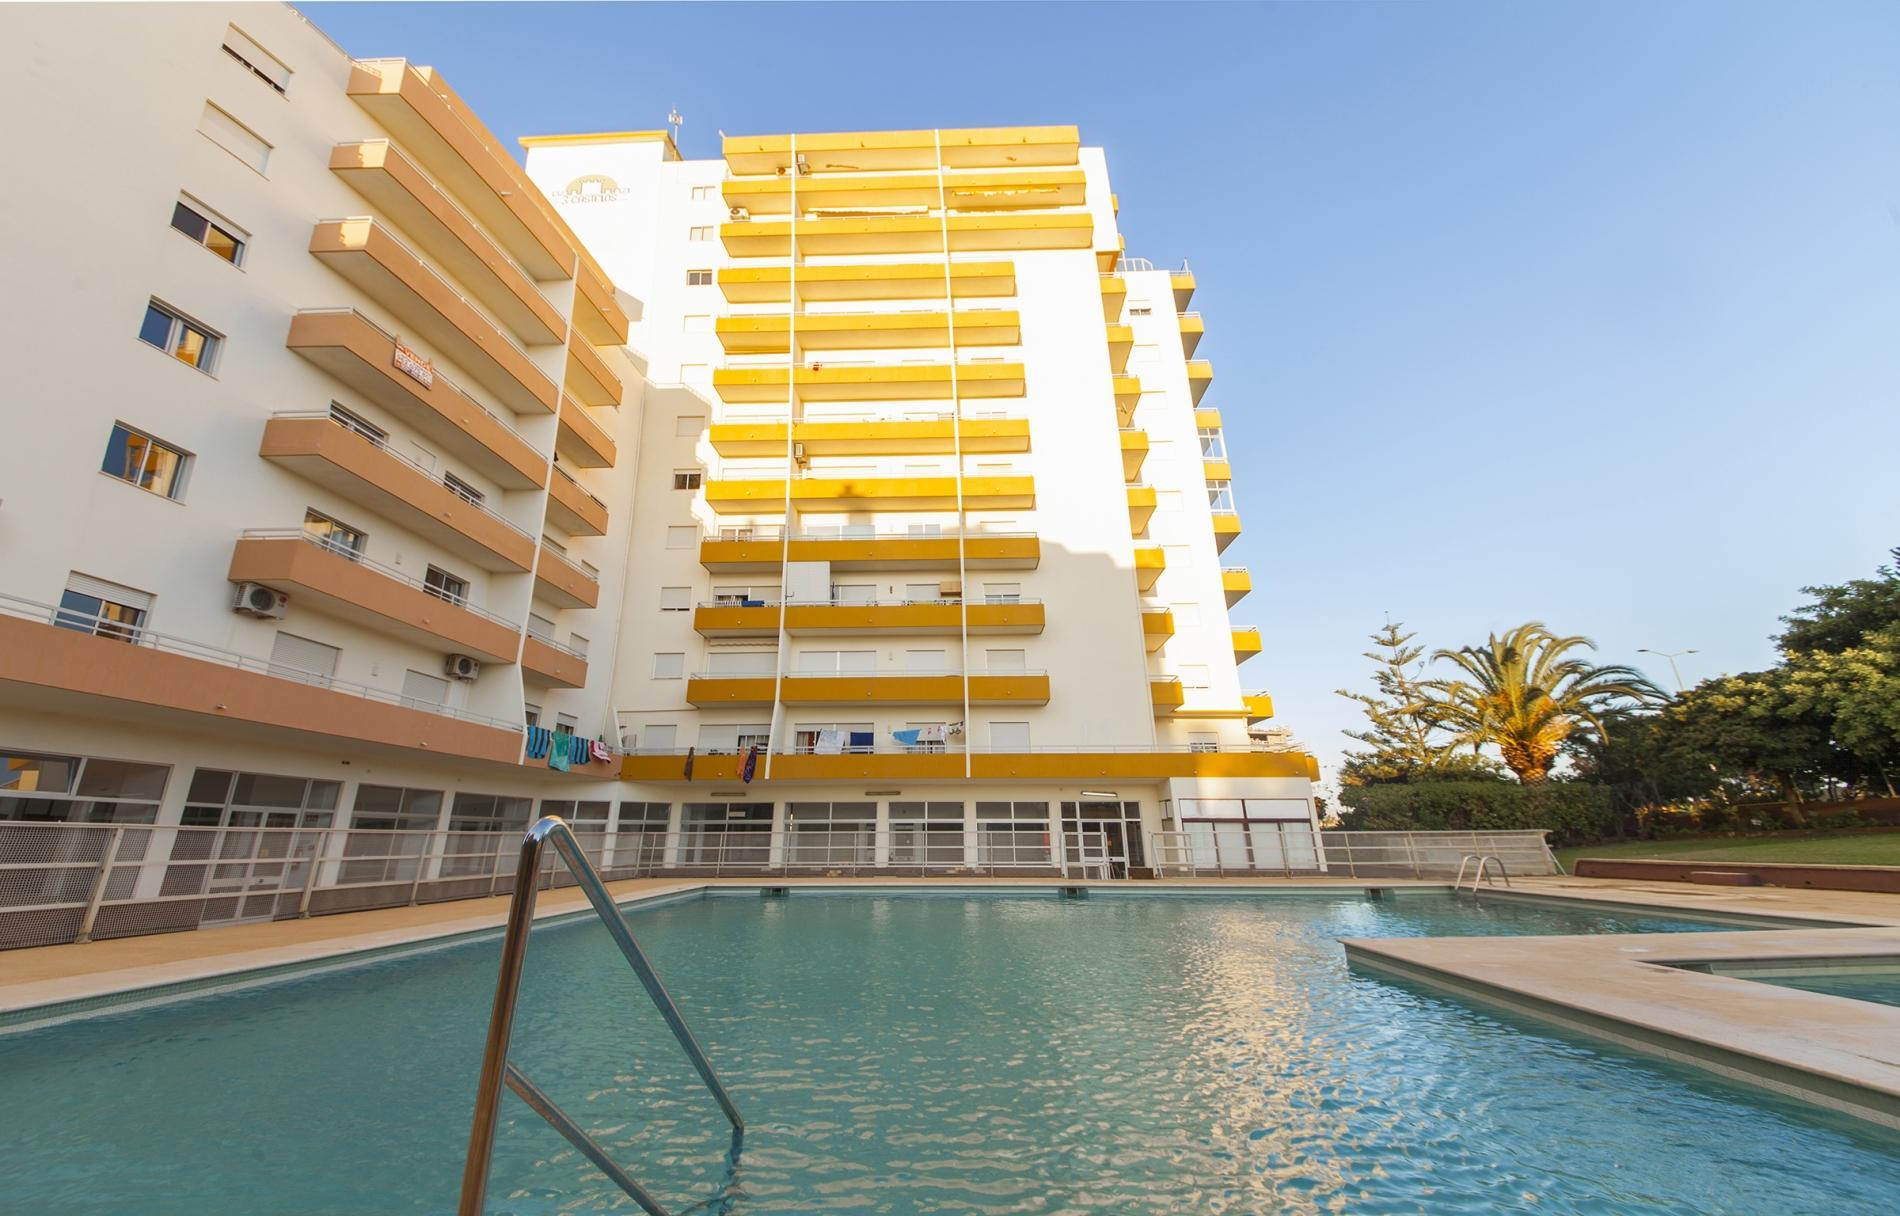 Apartment B43 - Spotless Seaview Apartment photo 22522668